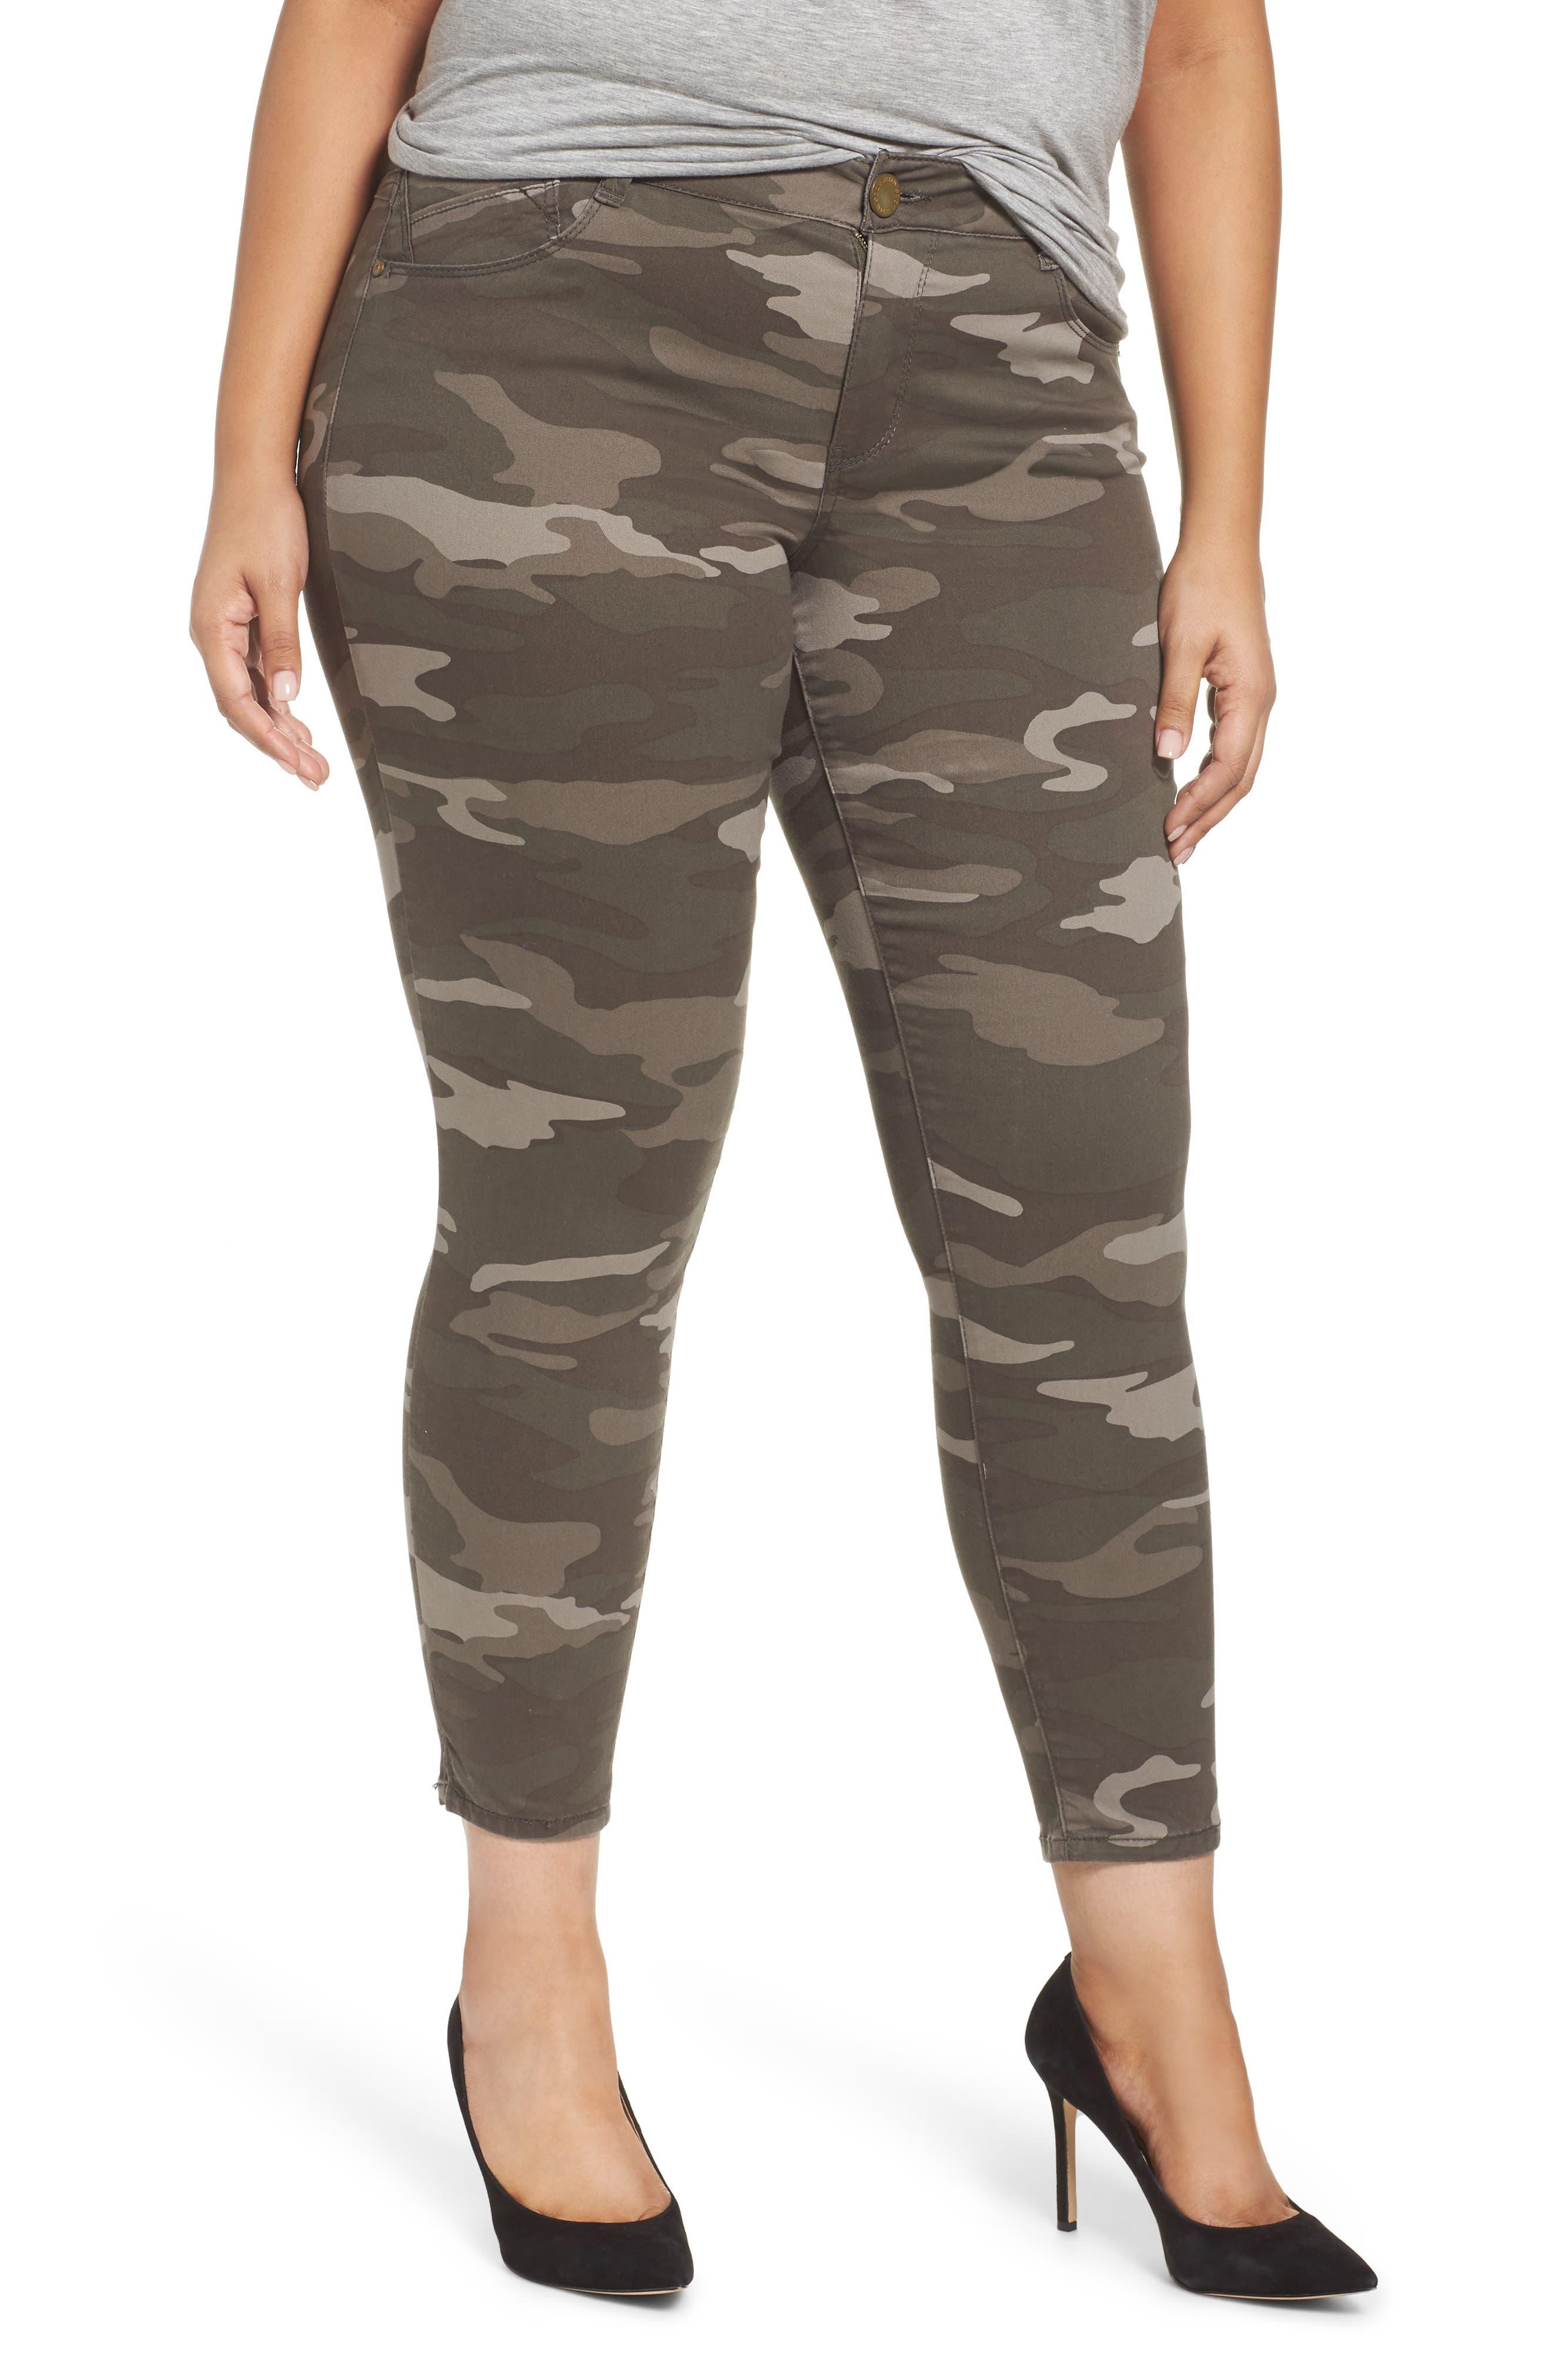 Ab-solution Ankle Skimmer Slit Pants,                         Main,                         color, 210